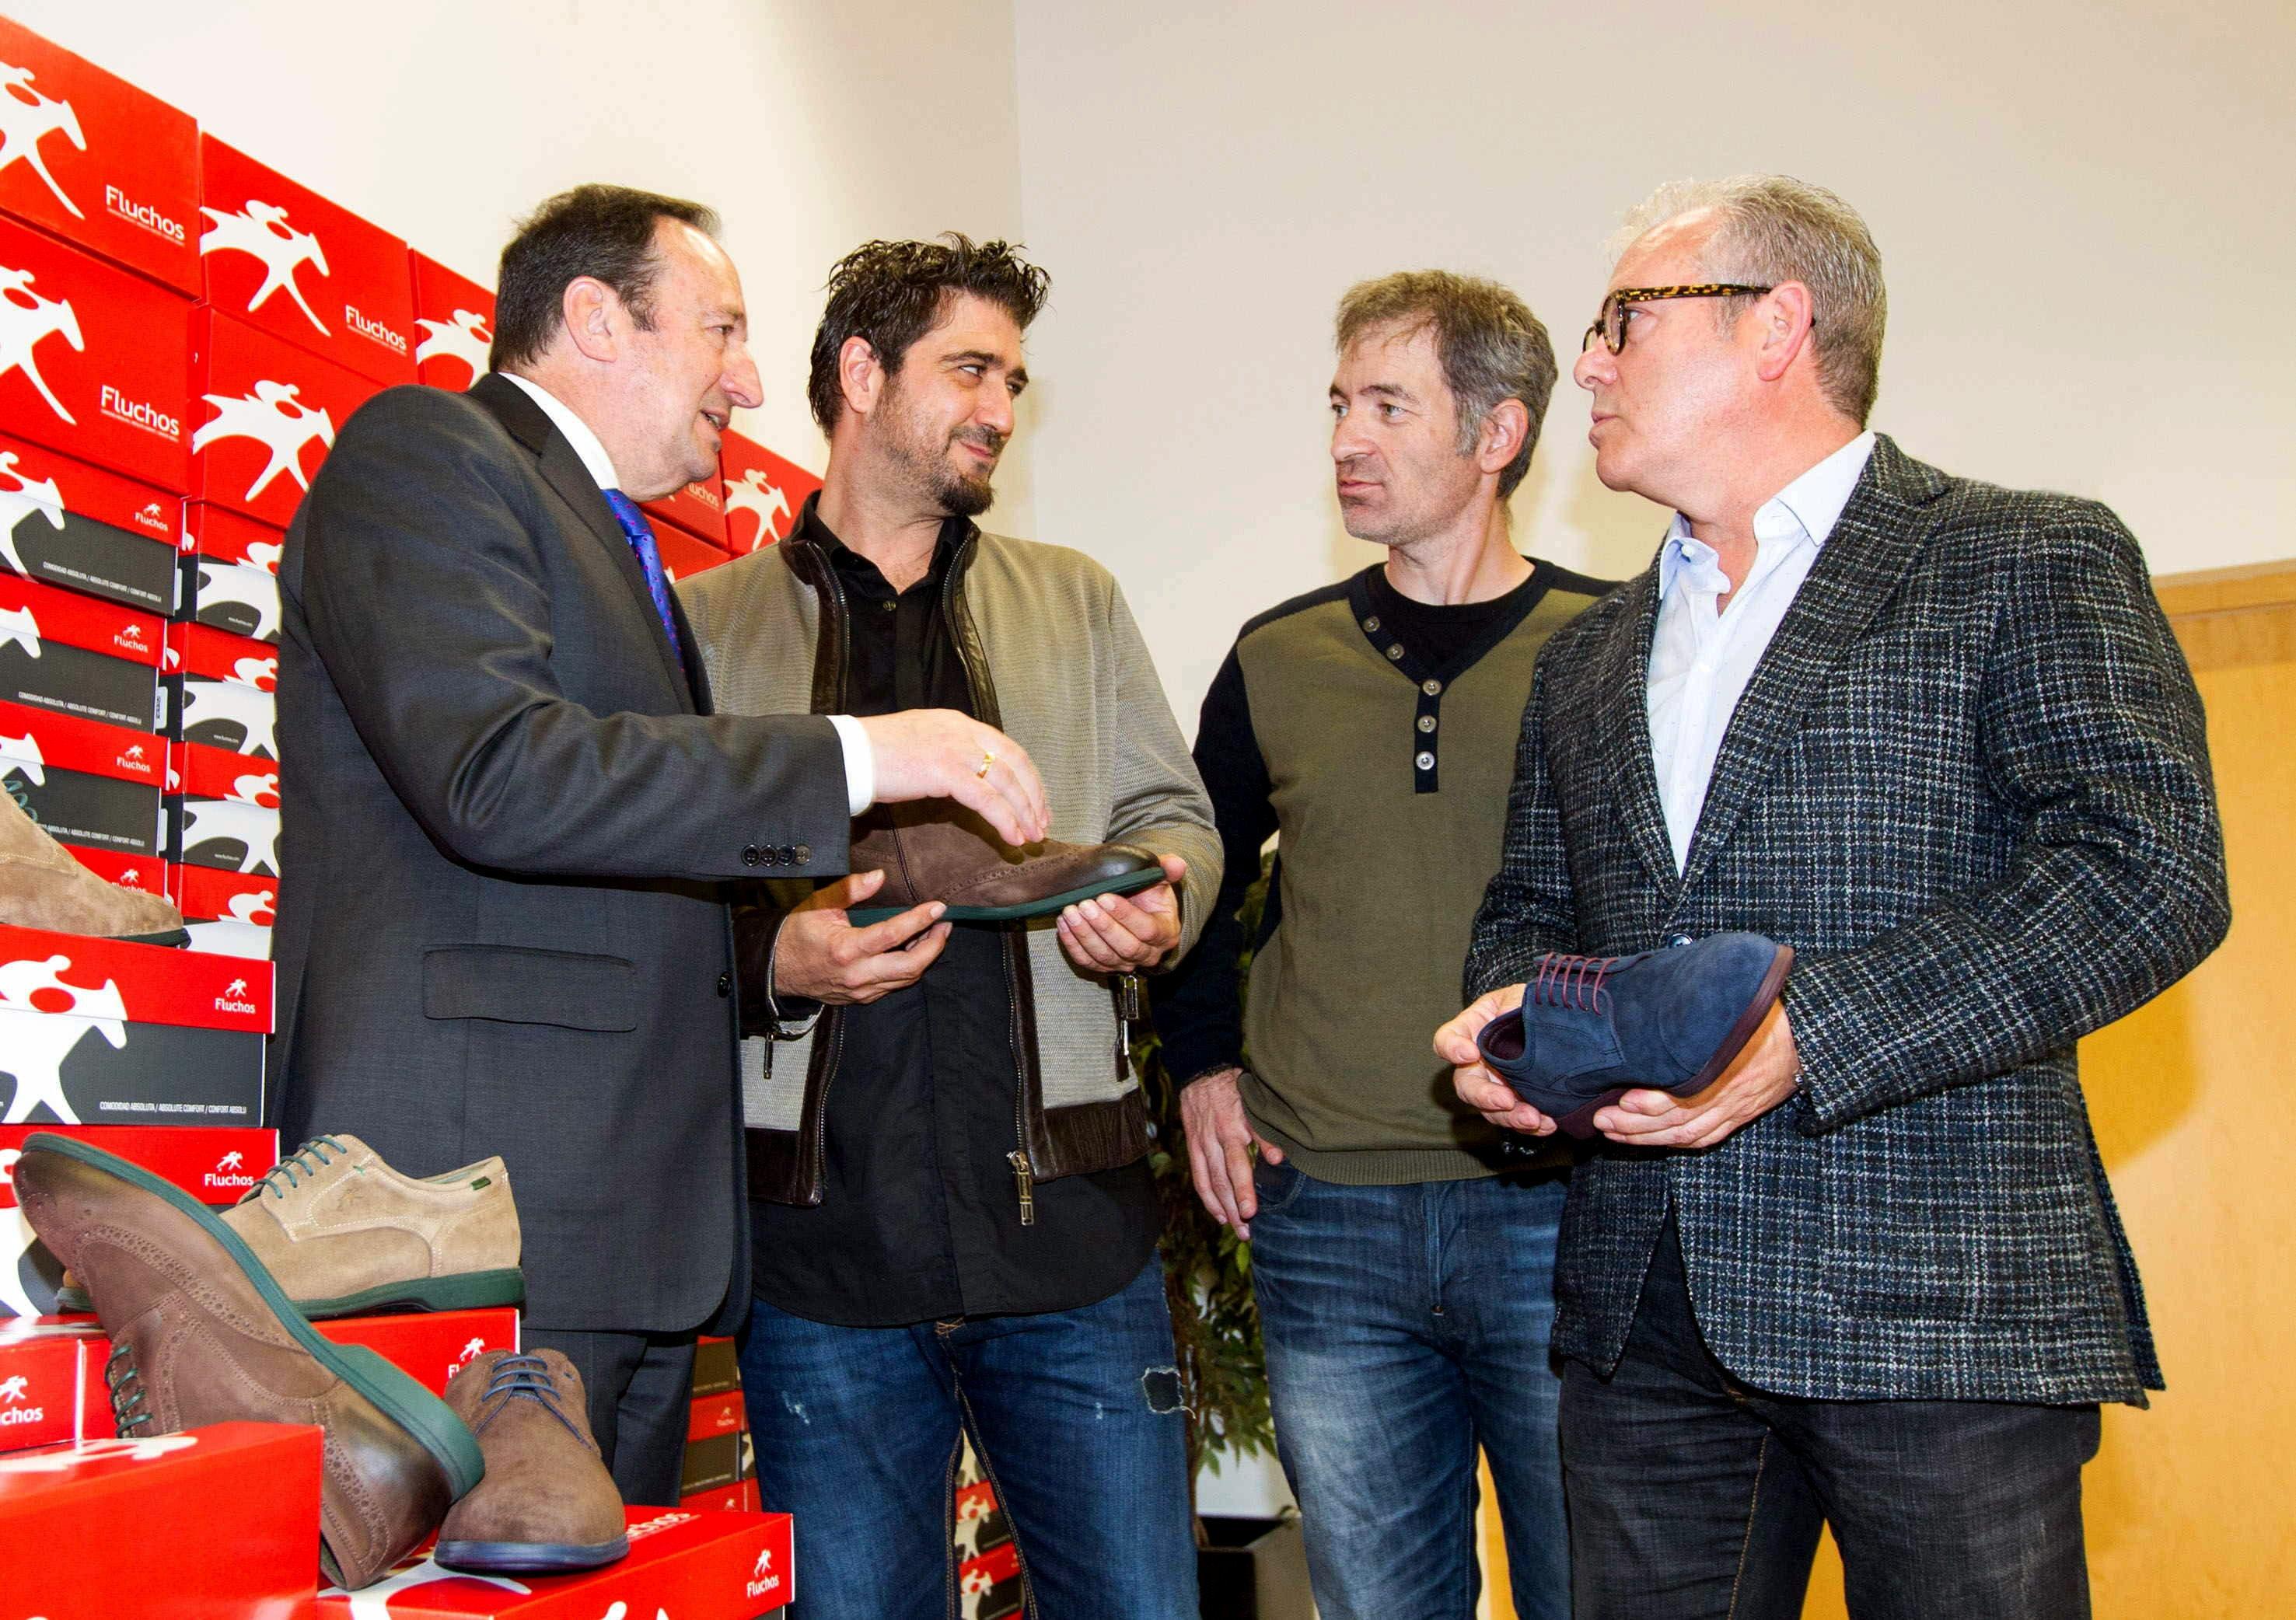 Antonio Orozco recauda fondos por la venta de calzado para un proyecto social